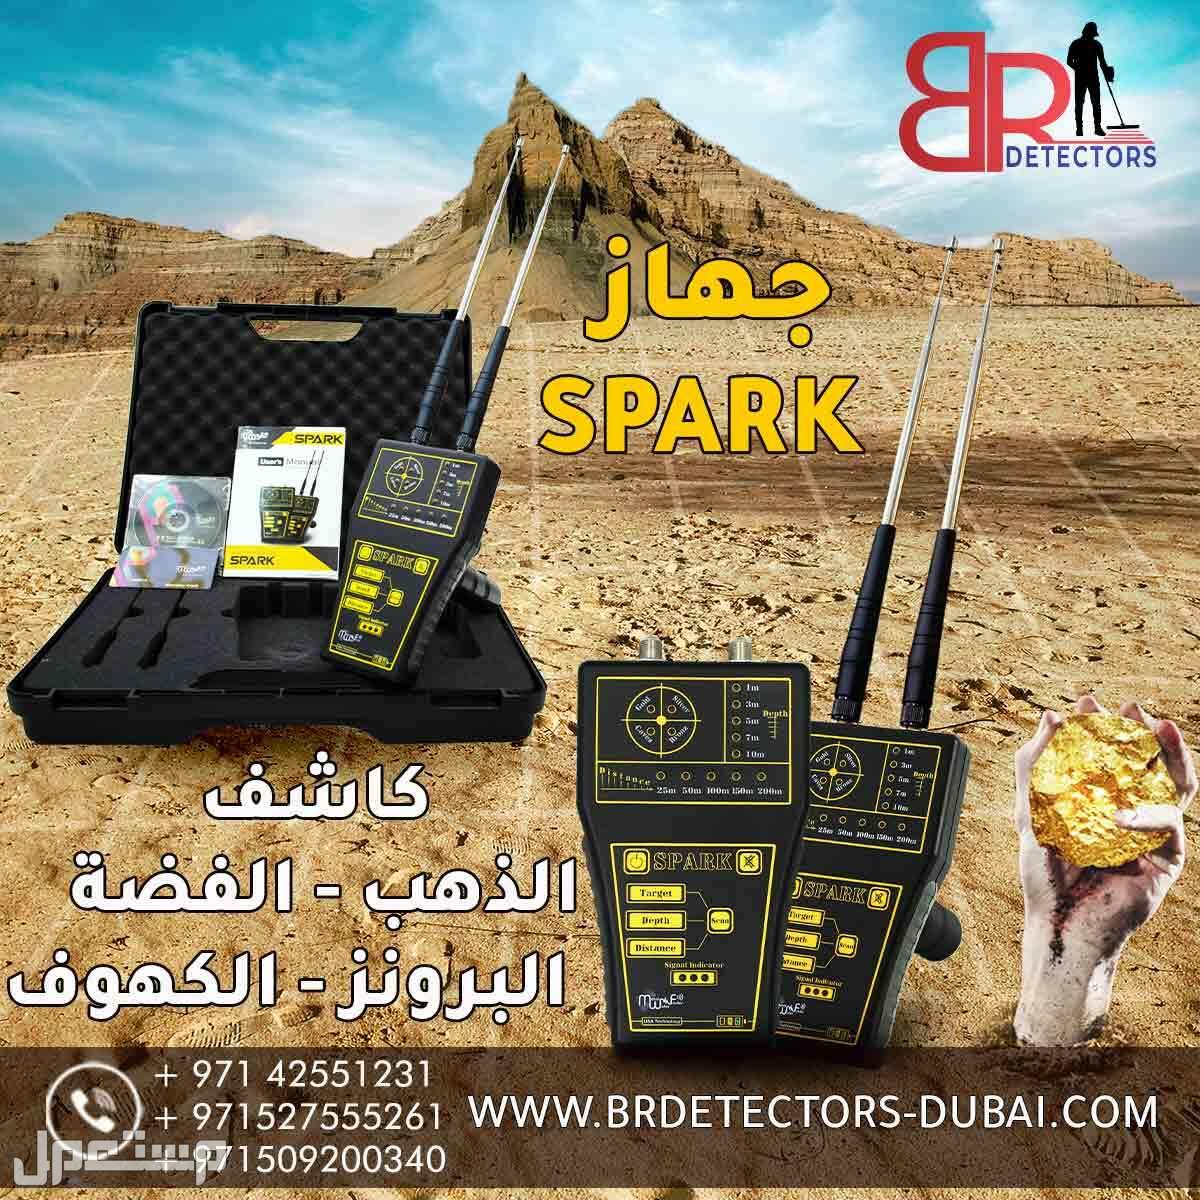 جهاز كشف الذهب في العراق - سبارك